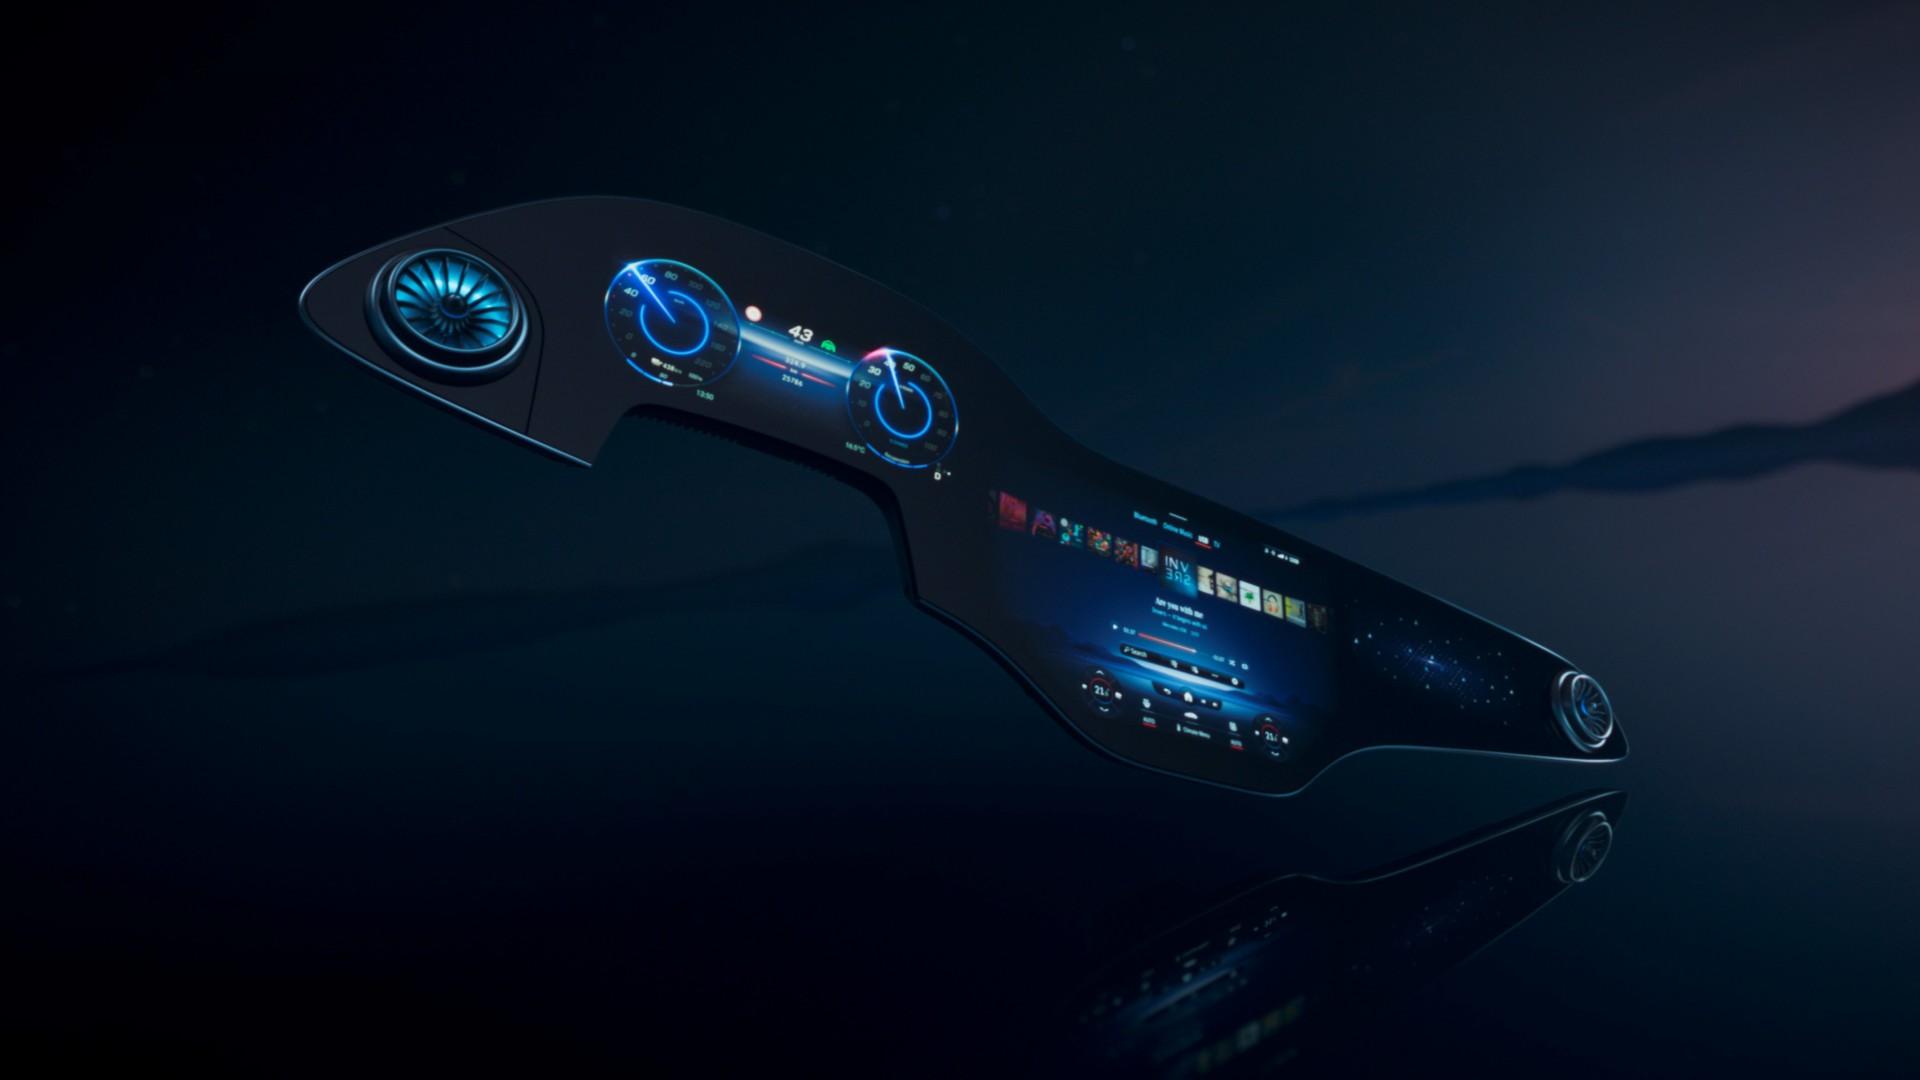 El sistema MBUX Hyperscreen de Mercedes-Benz promete mucho